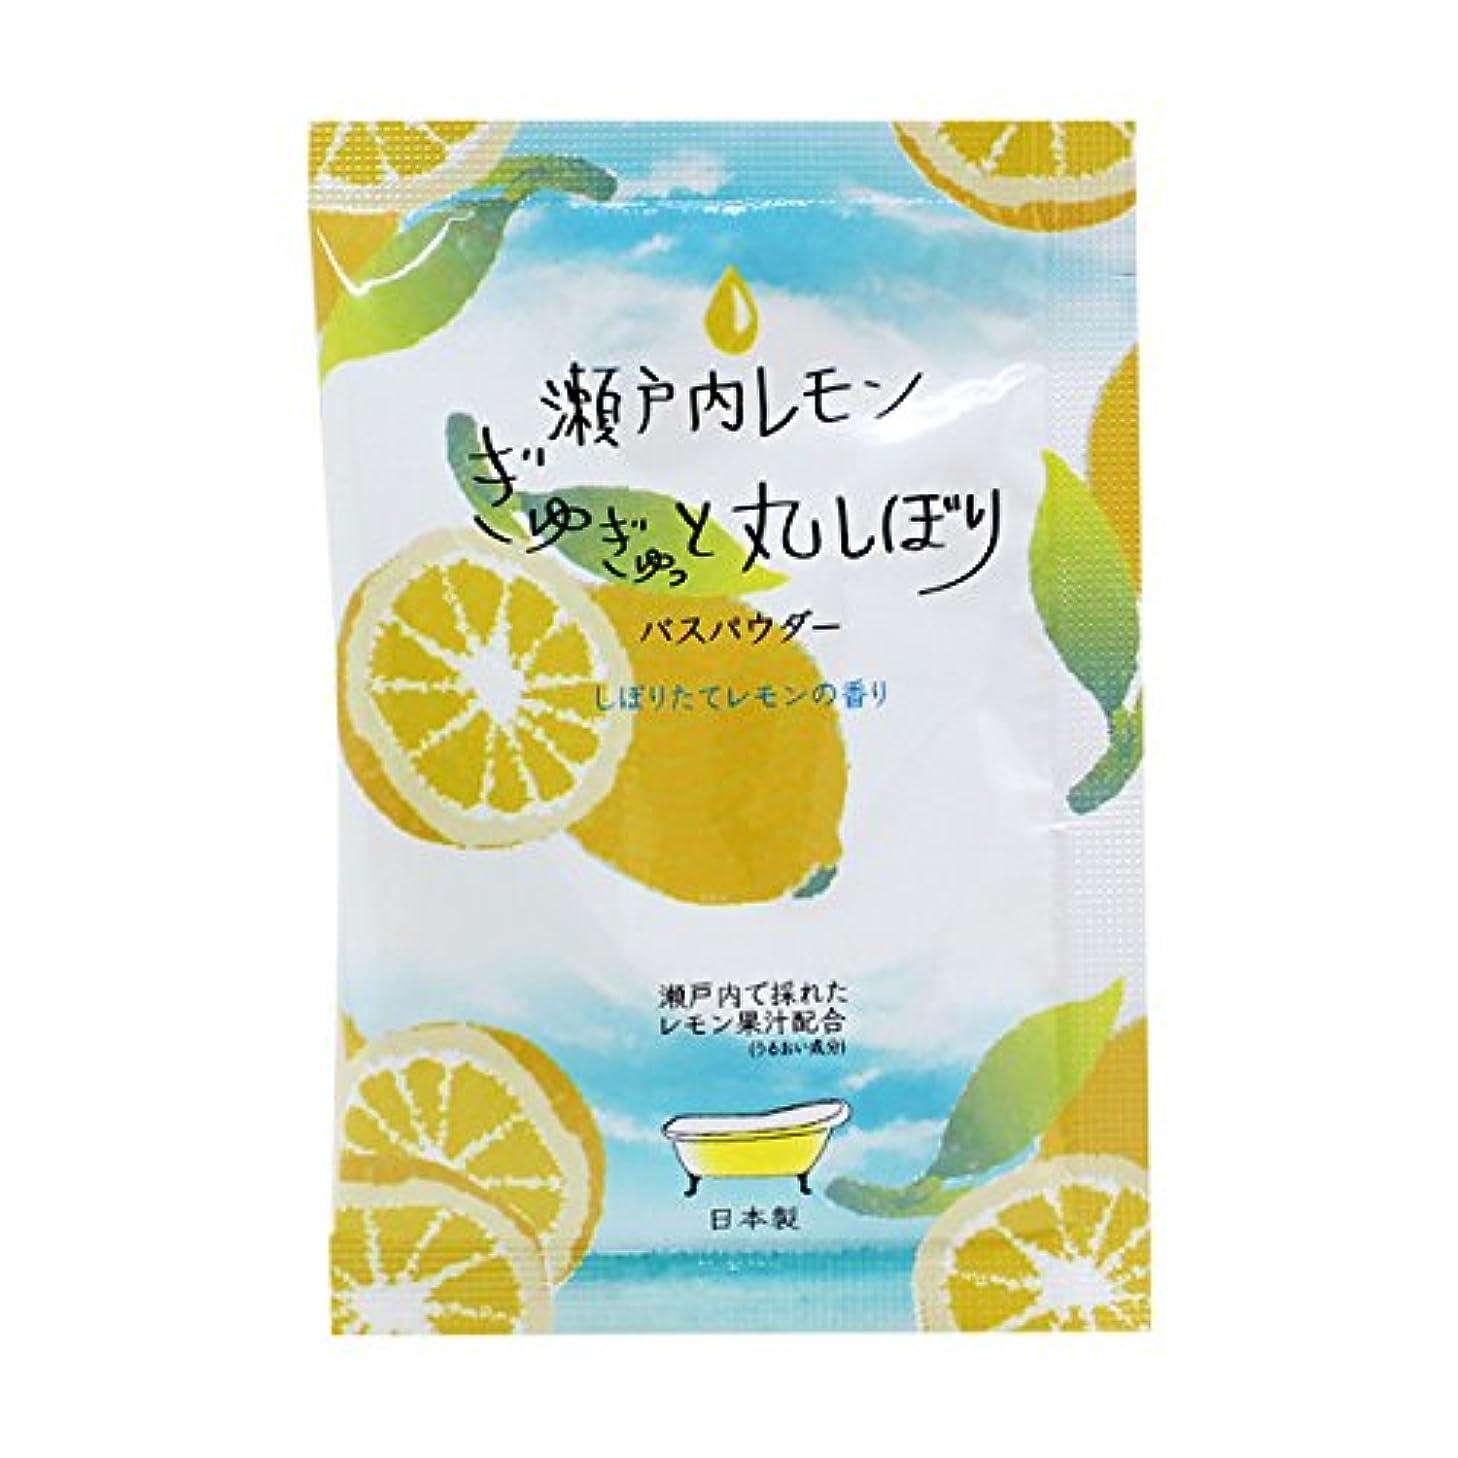 信念セマフォピジンハーバルエクストラ リッチバスパウダー 「瀬戸内レモンの香り」30個